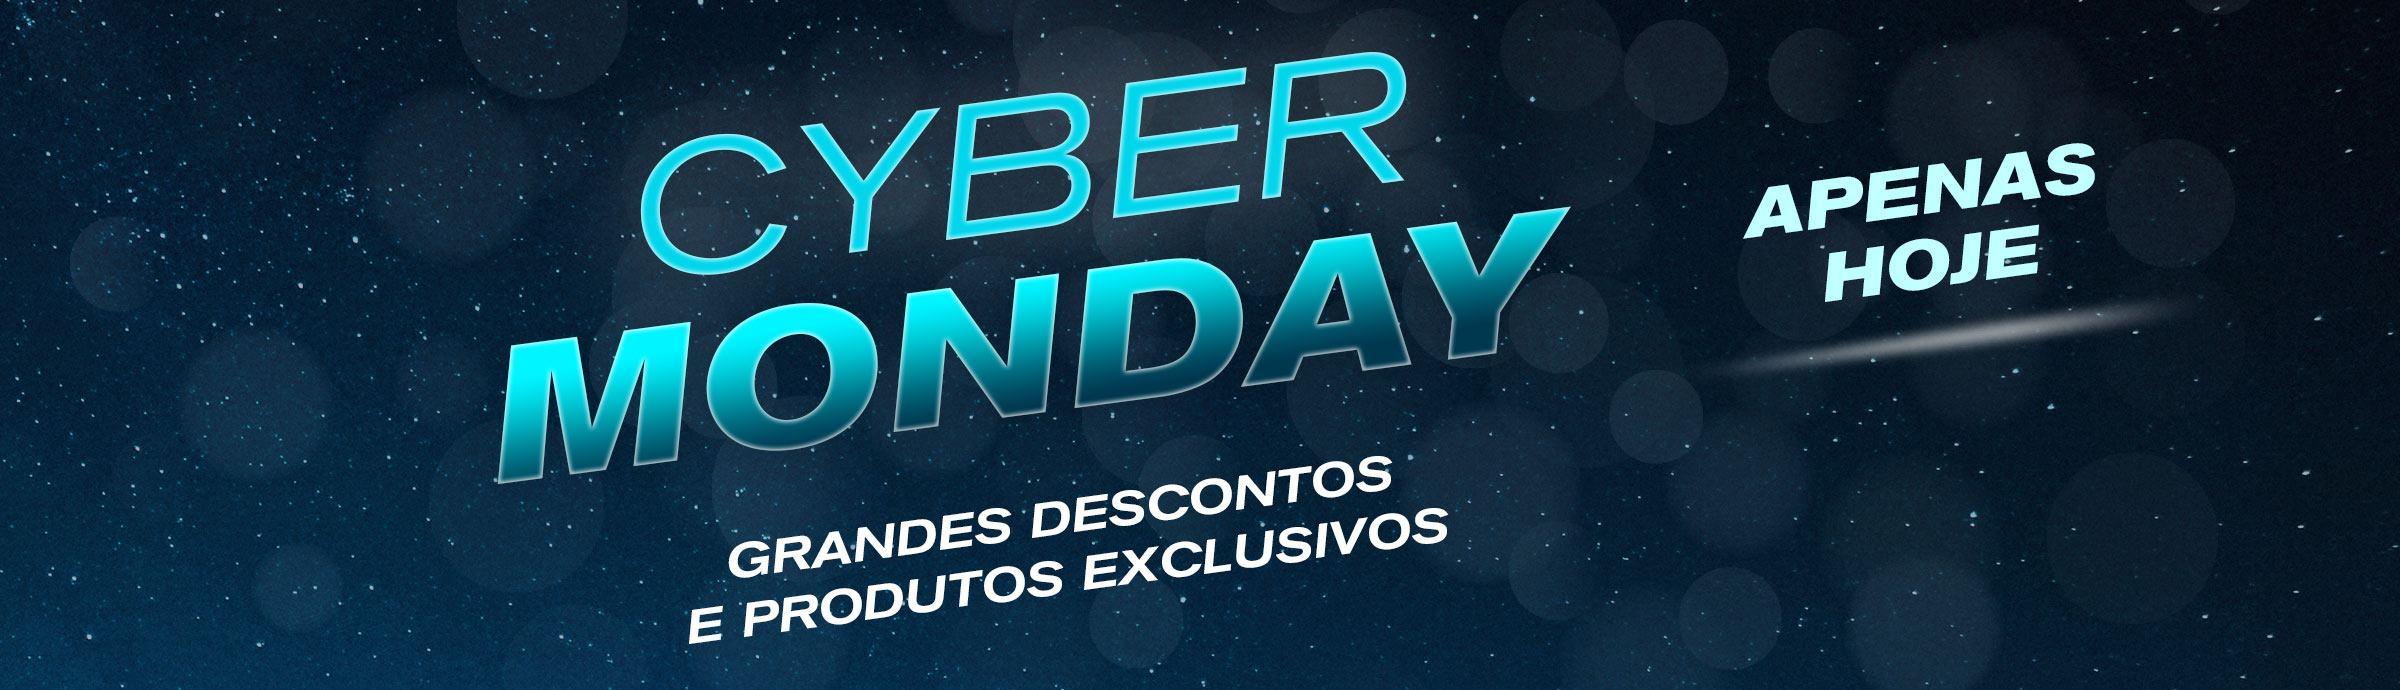 Cyber Monday Brinquedos 2020